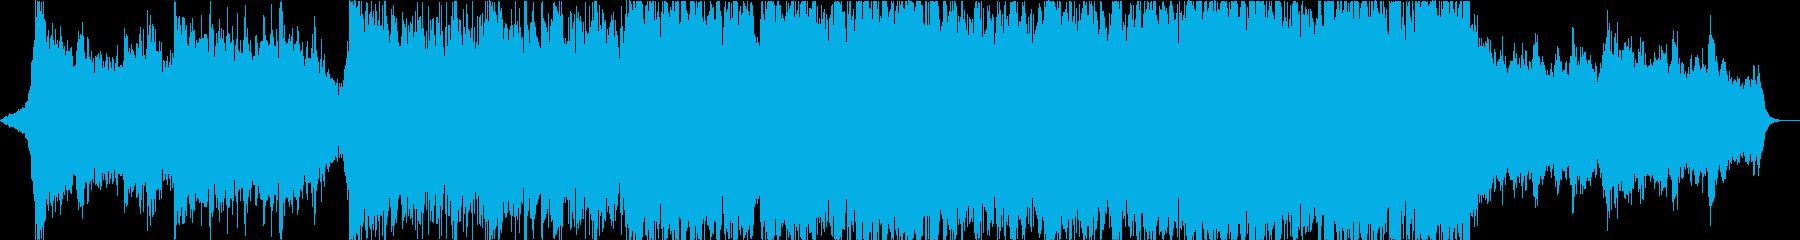 現代的 交響曲 エレクトロ クラシ...の再生済みの波形